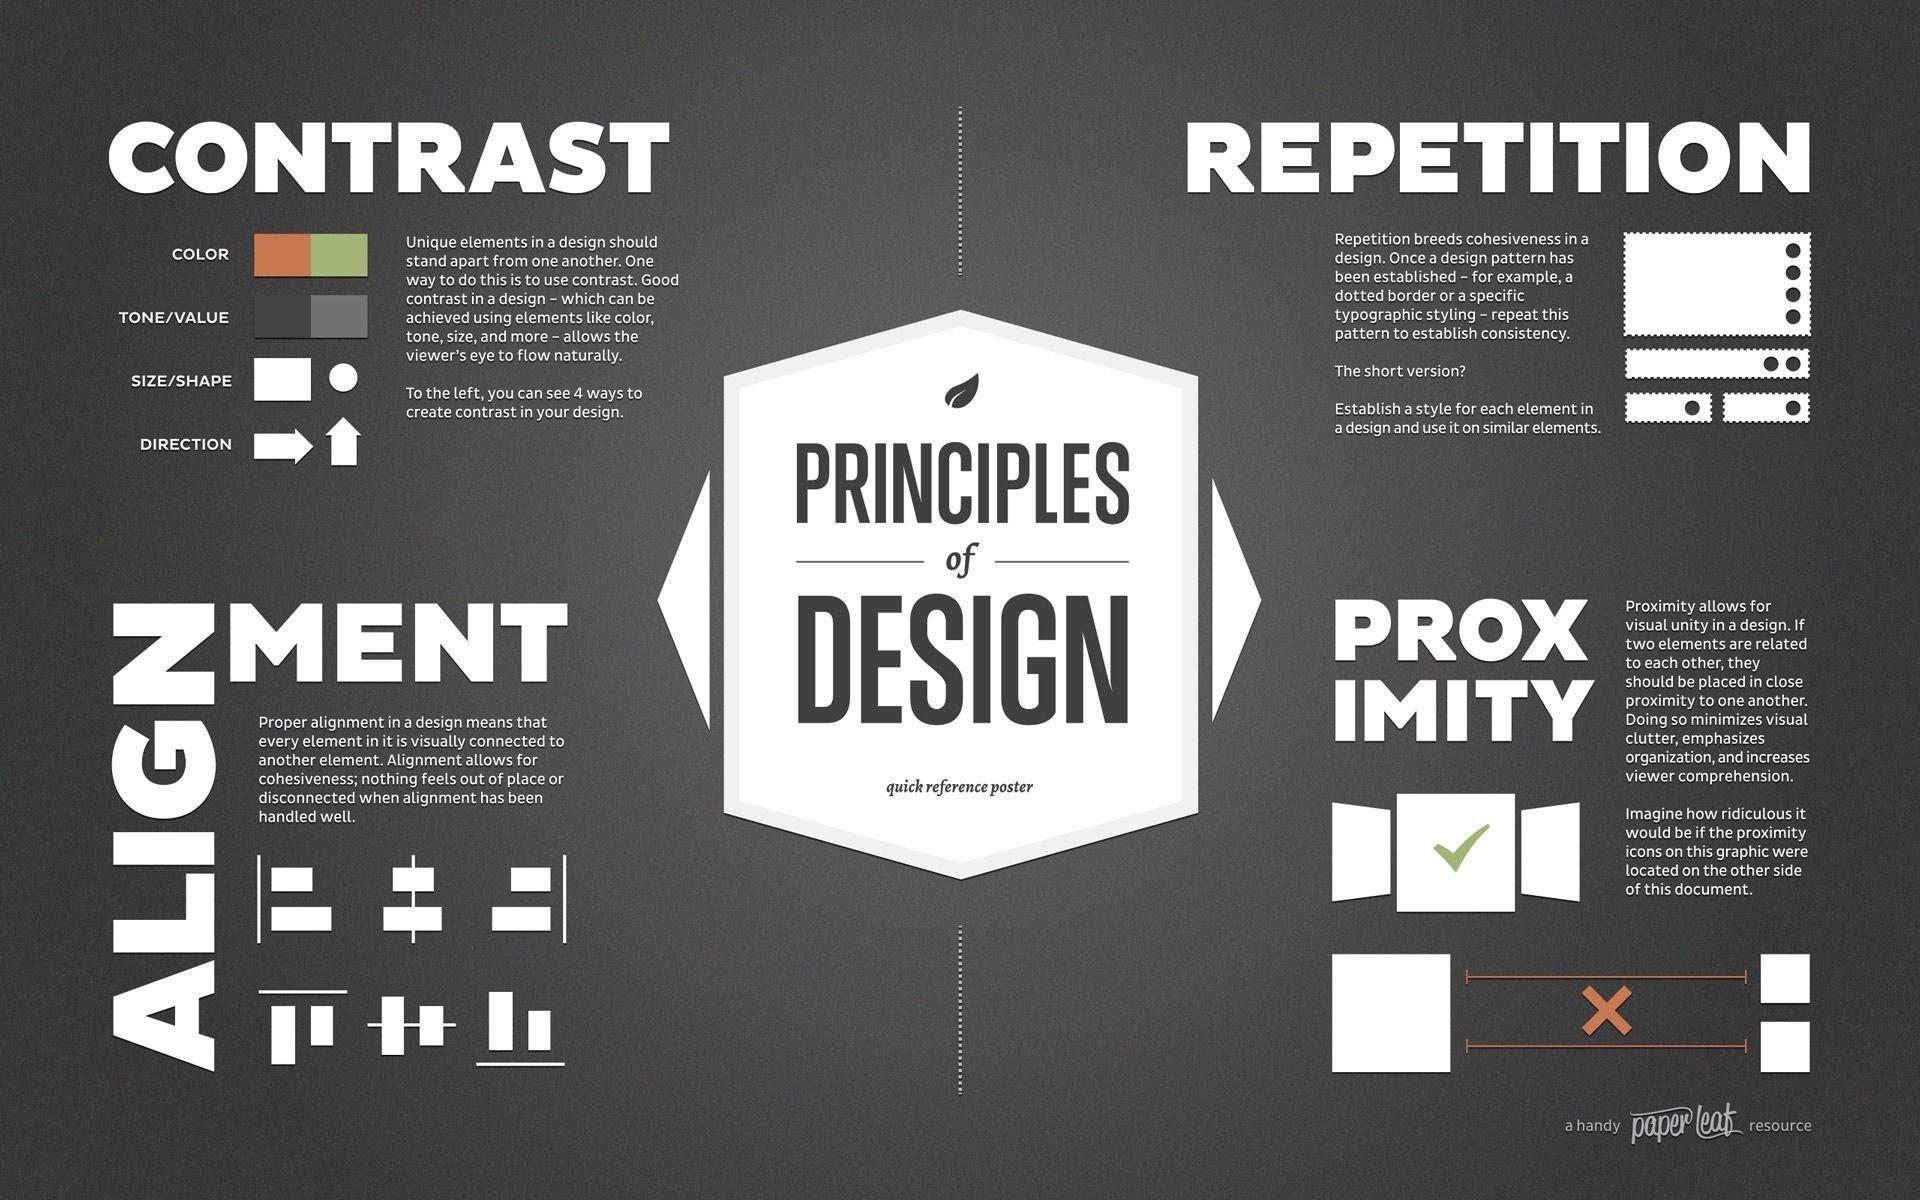 Pin Oleh Jeanett Madsen Di Utbw Corporate Design Desain Desain Grafis Belajar